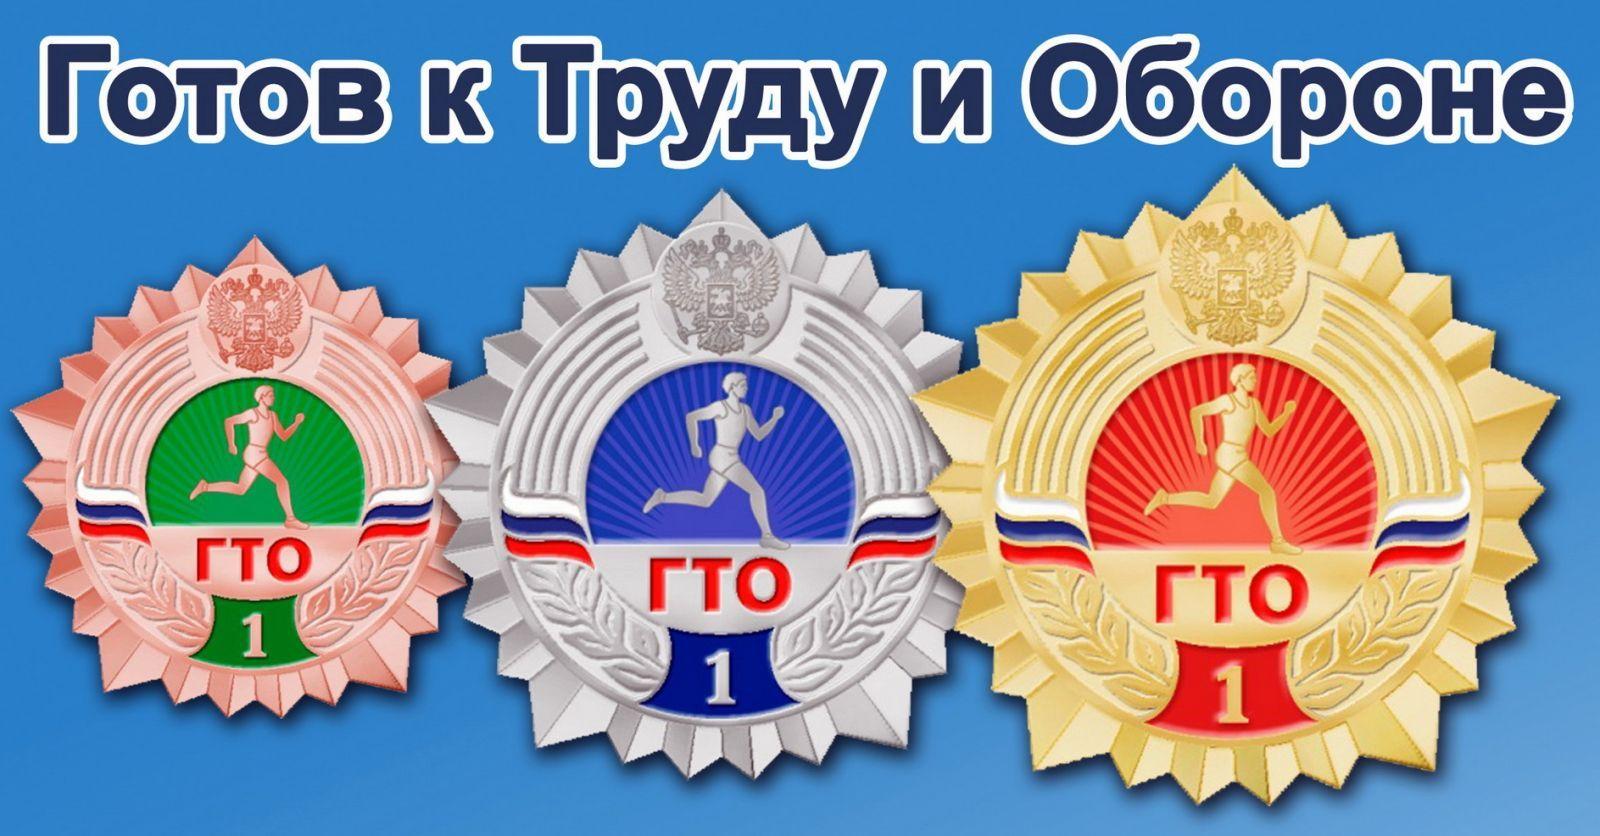 http://shorlik.ucoz.ru/123/huge_ba4fcb3d-83c2-4a49-b23e-ccef72a24bc0.jpg